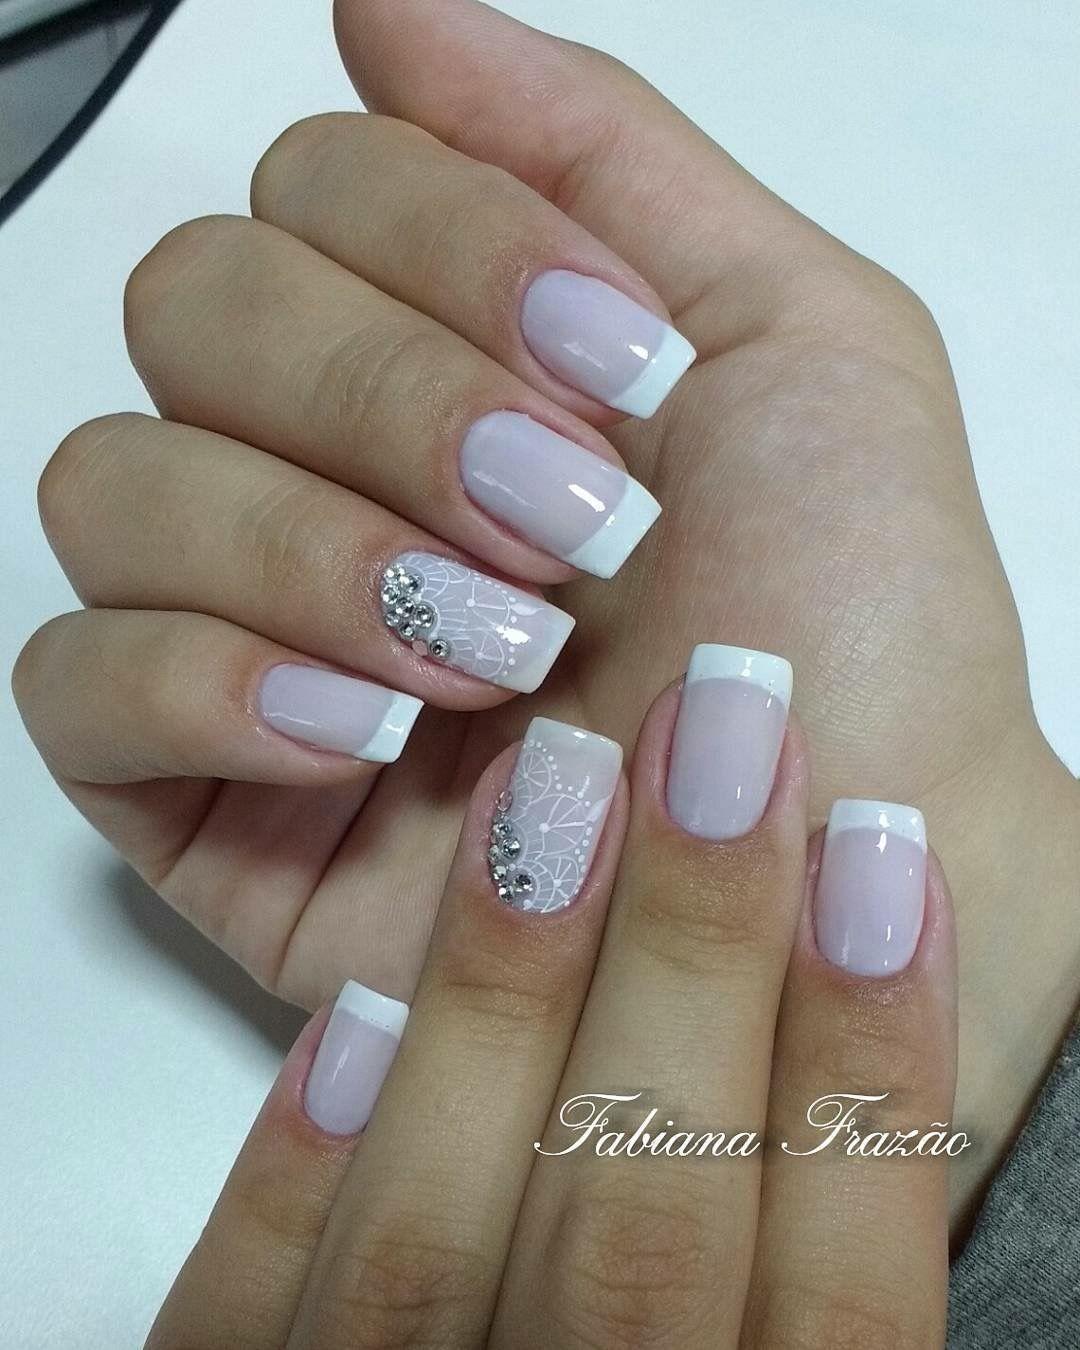 Pin de Jossel en Belleza | Manicura de uñas, Uñas de gel ...